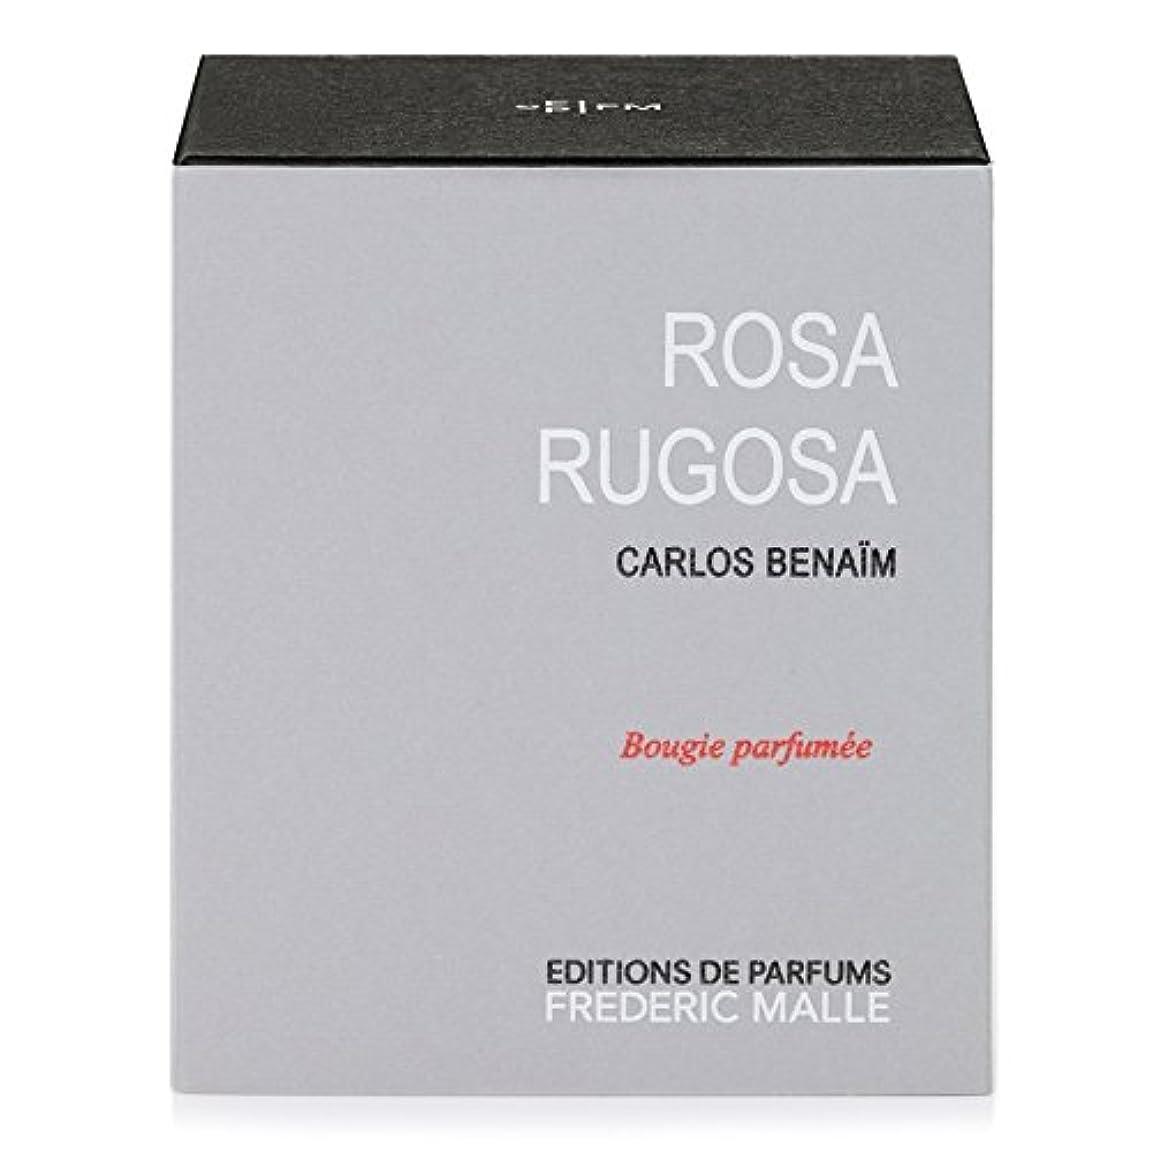 化合物頑丈織機フレデリック?マルハマナスの香りのキャンドル x6 - Frederic Malle Rosa Rugosa Scented Candle (Pack of 6) [並行輸入品]